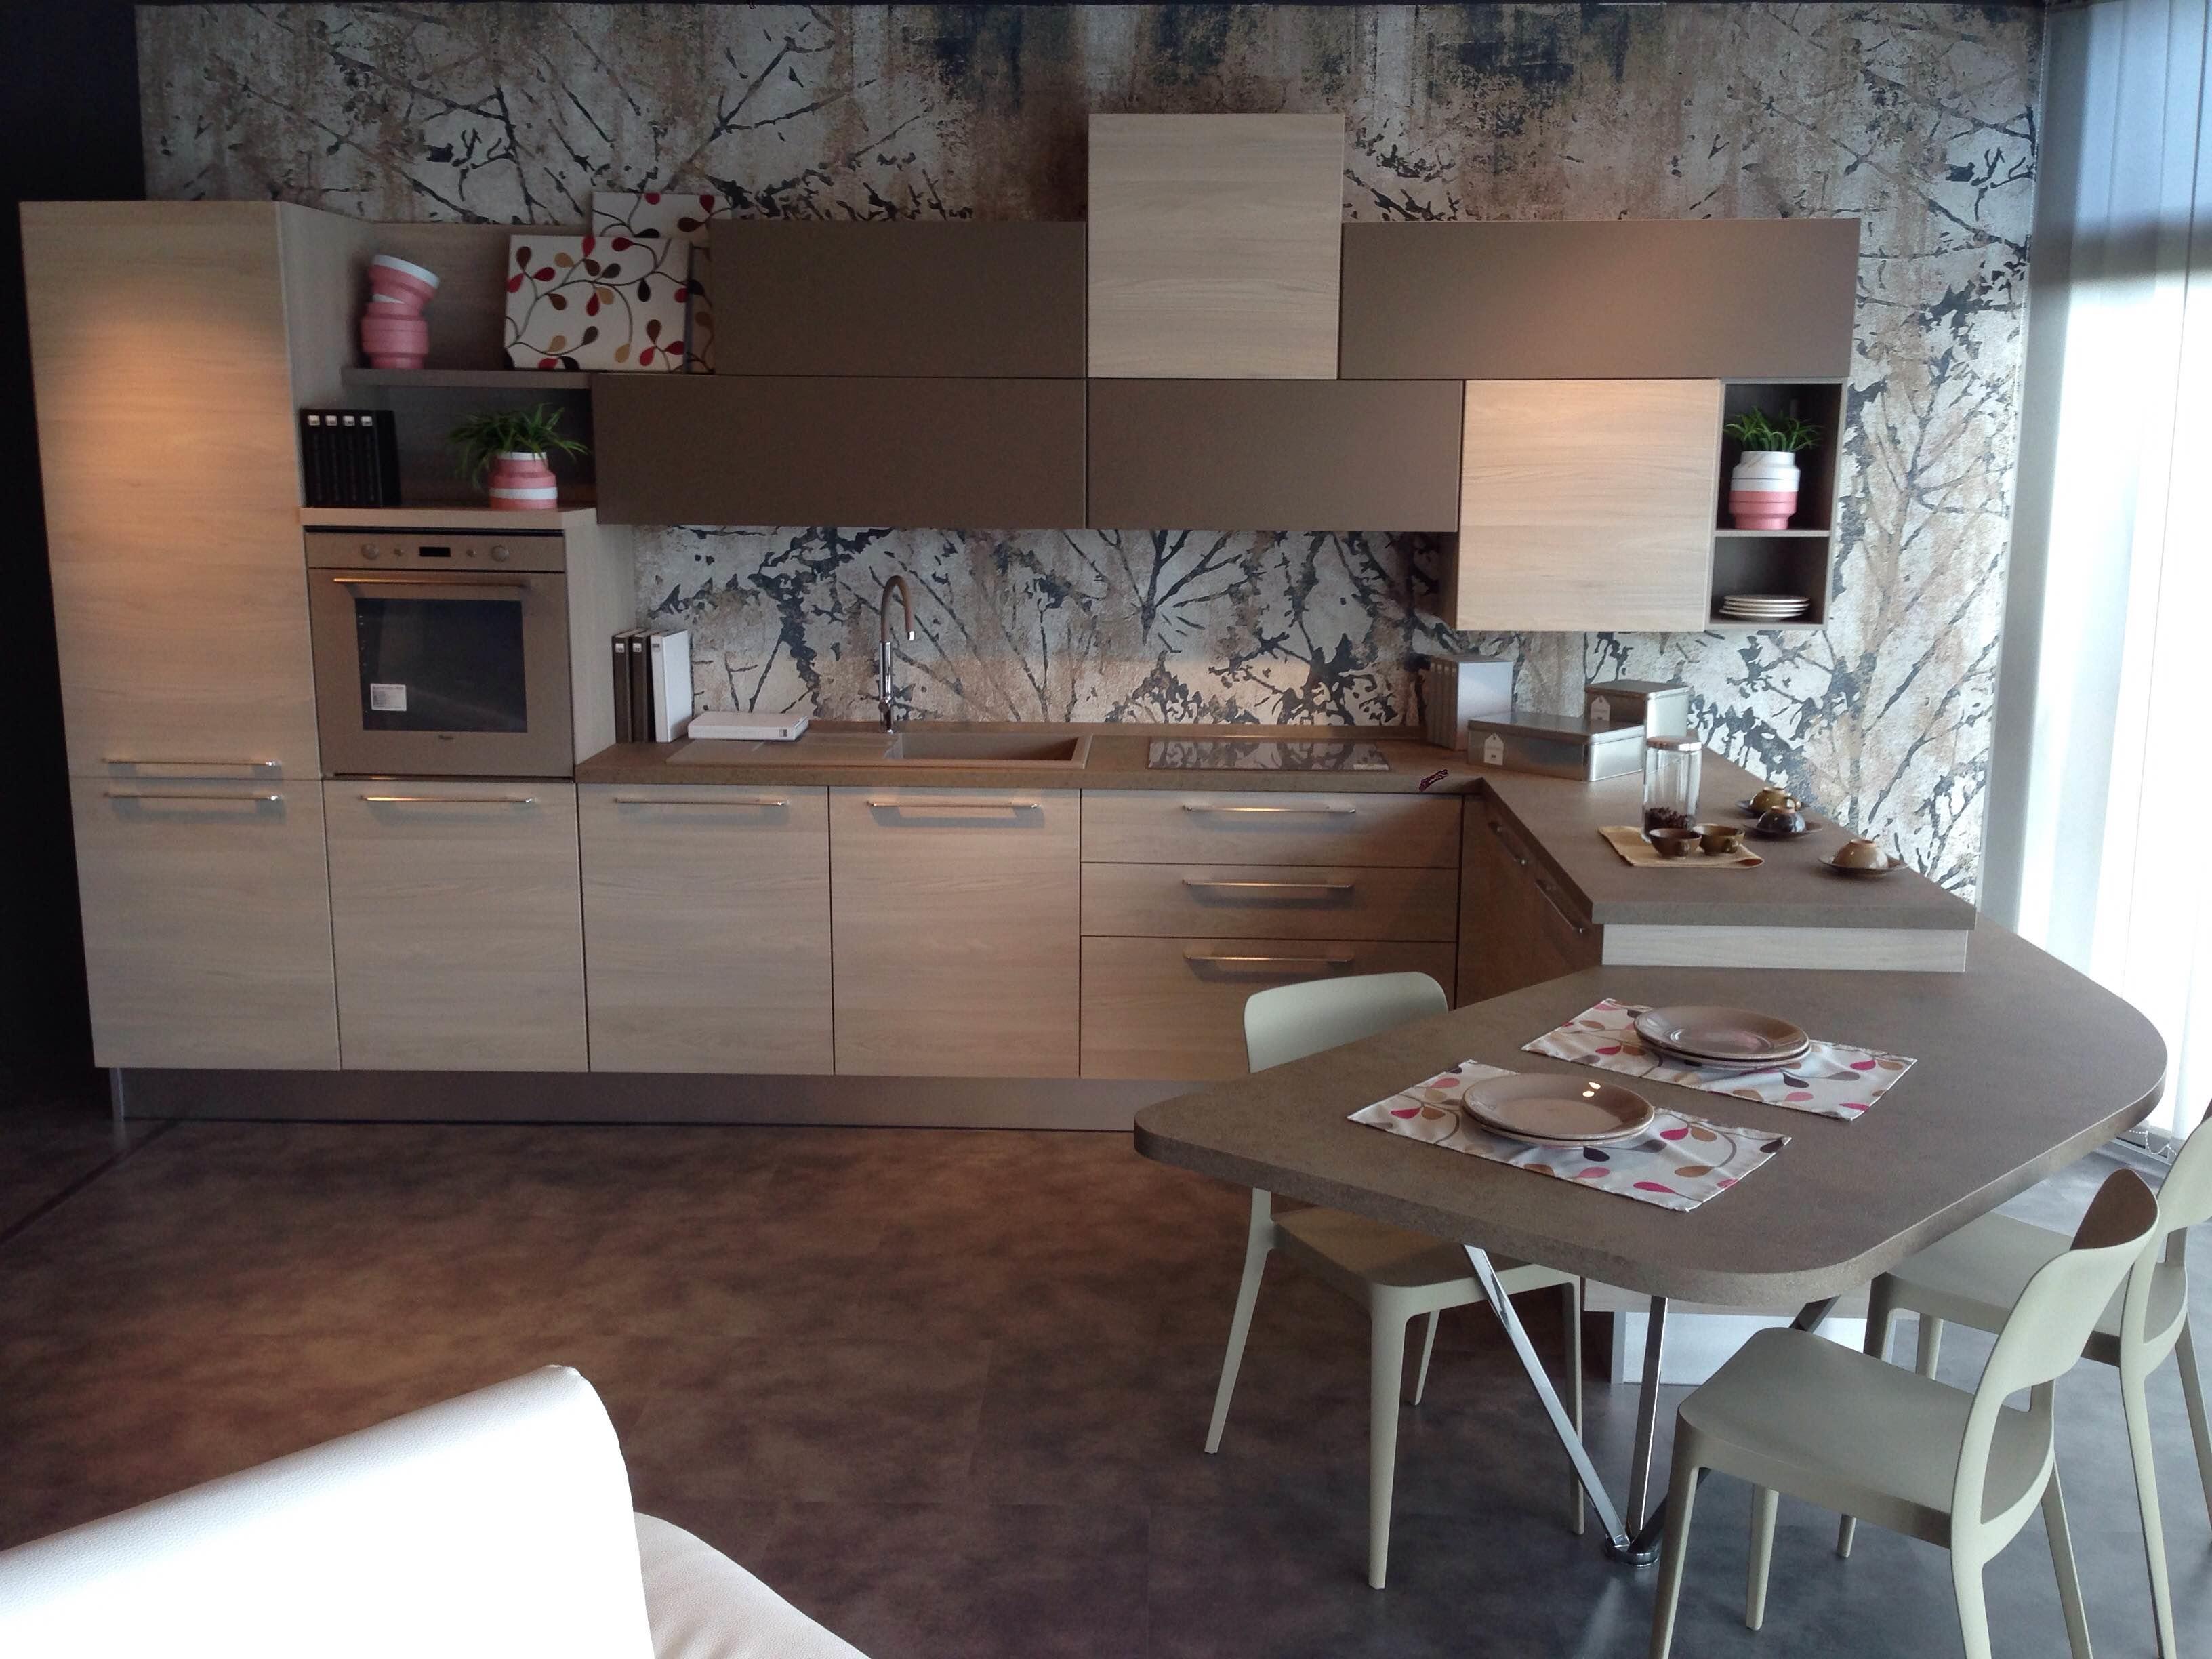 Tavoli cucina prezzi stunning i consigli per scegliere - Lube tavoli e sedie prezzi ...